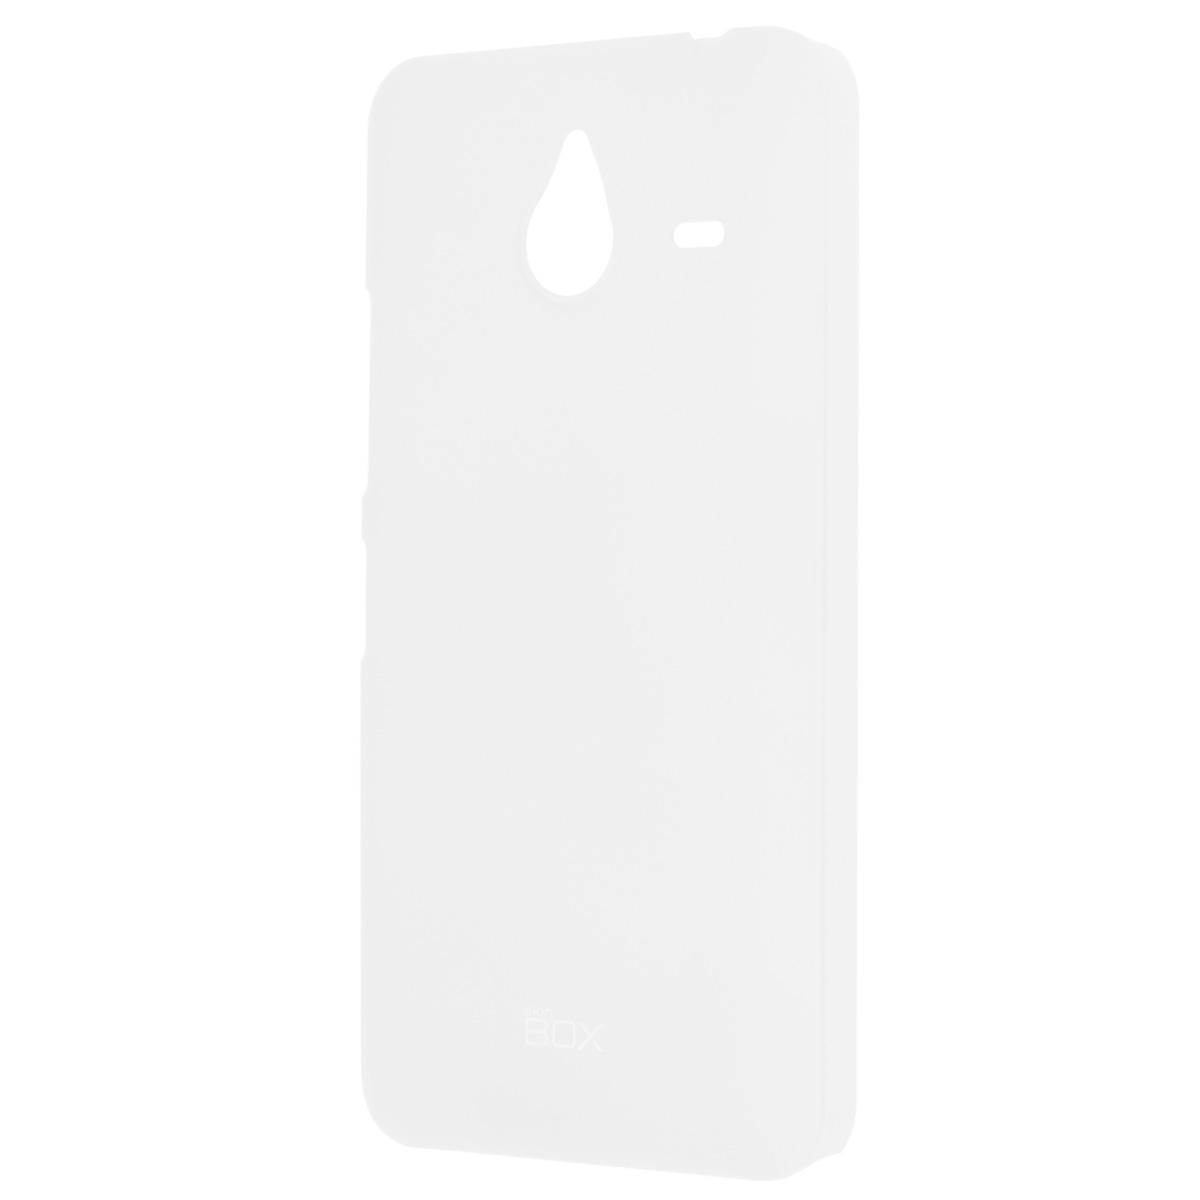 Skinbox Shield 4People чехол для Microsoft Lumia 640XL, WhiteT-S-ML640XL-002Накладка Skinbox Shield 4People для Microsoft Lumia 640XL - отличный аксессуар для защиты корпуса вашего смартфона от внешних повреждений, сохраняющий размеры устройства и обеспечивающий удобство работы с ним. Устойчивый к истиранию пластик надежно амортизирует мелкие механические воздействия и предотвращает появление царапин или потертостей на корпусе вашего гаджета. В комплект также входит защитная пленка для экрана смартфона.